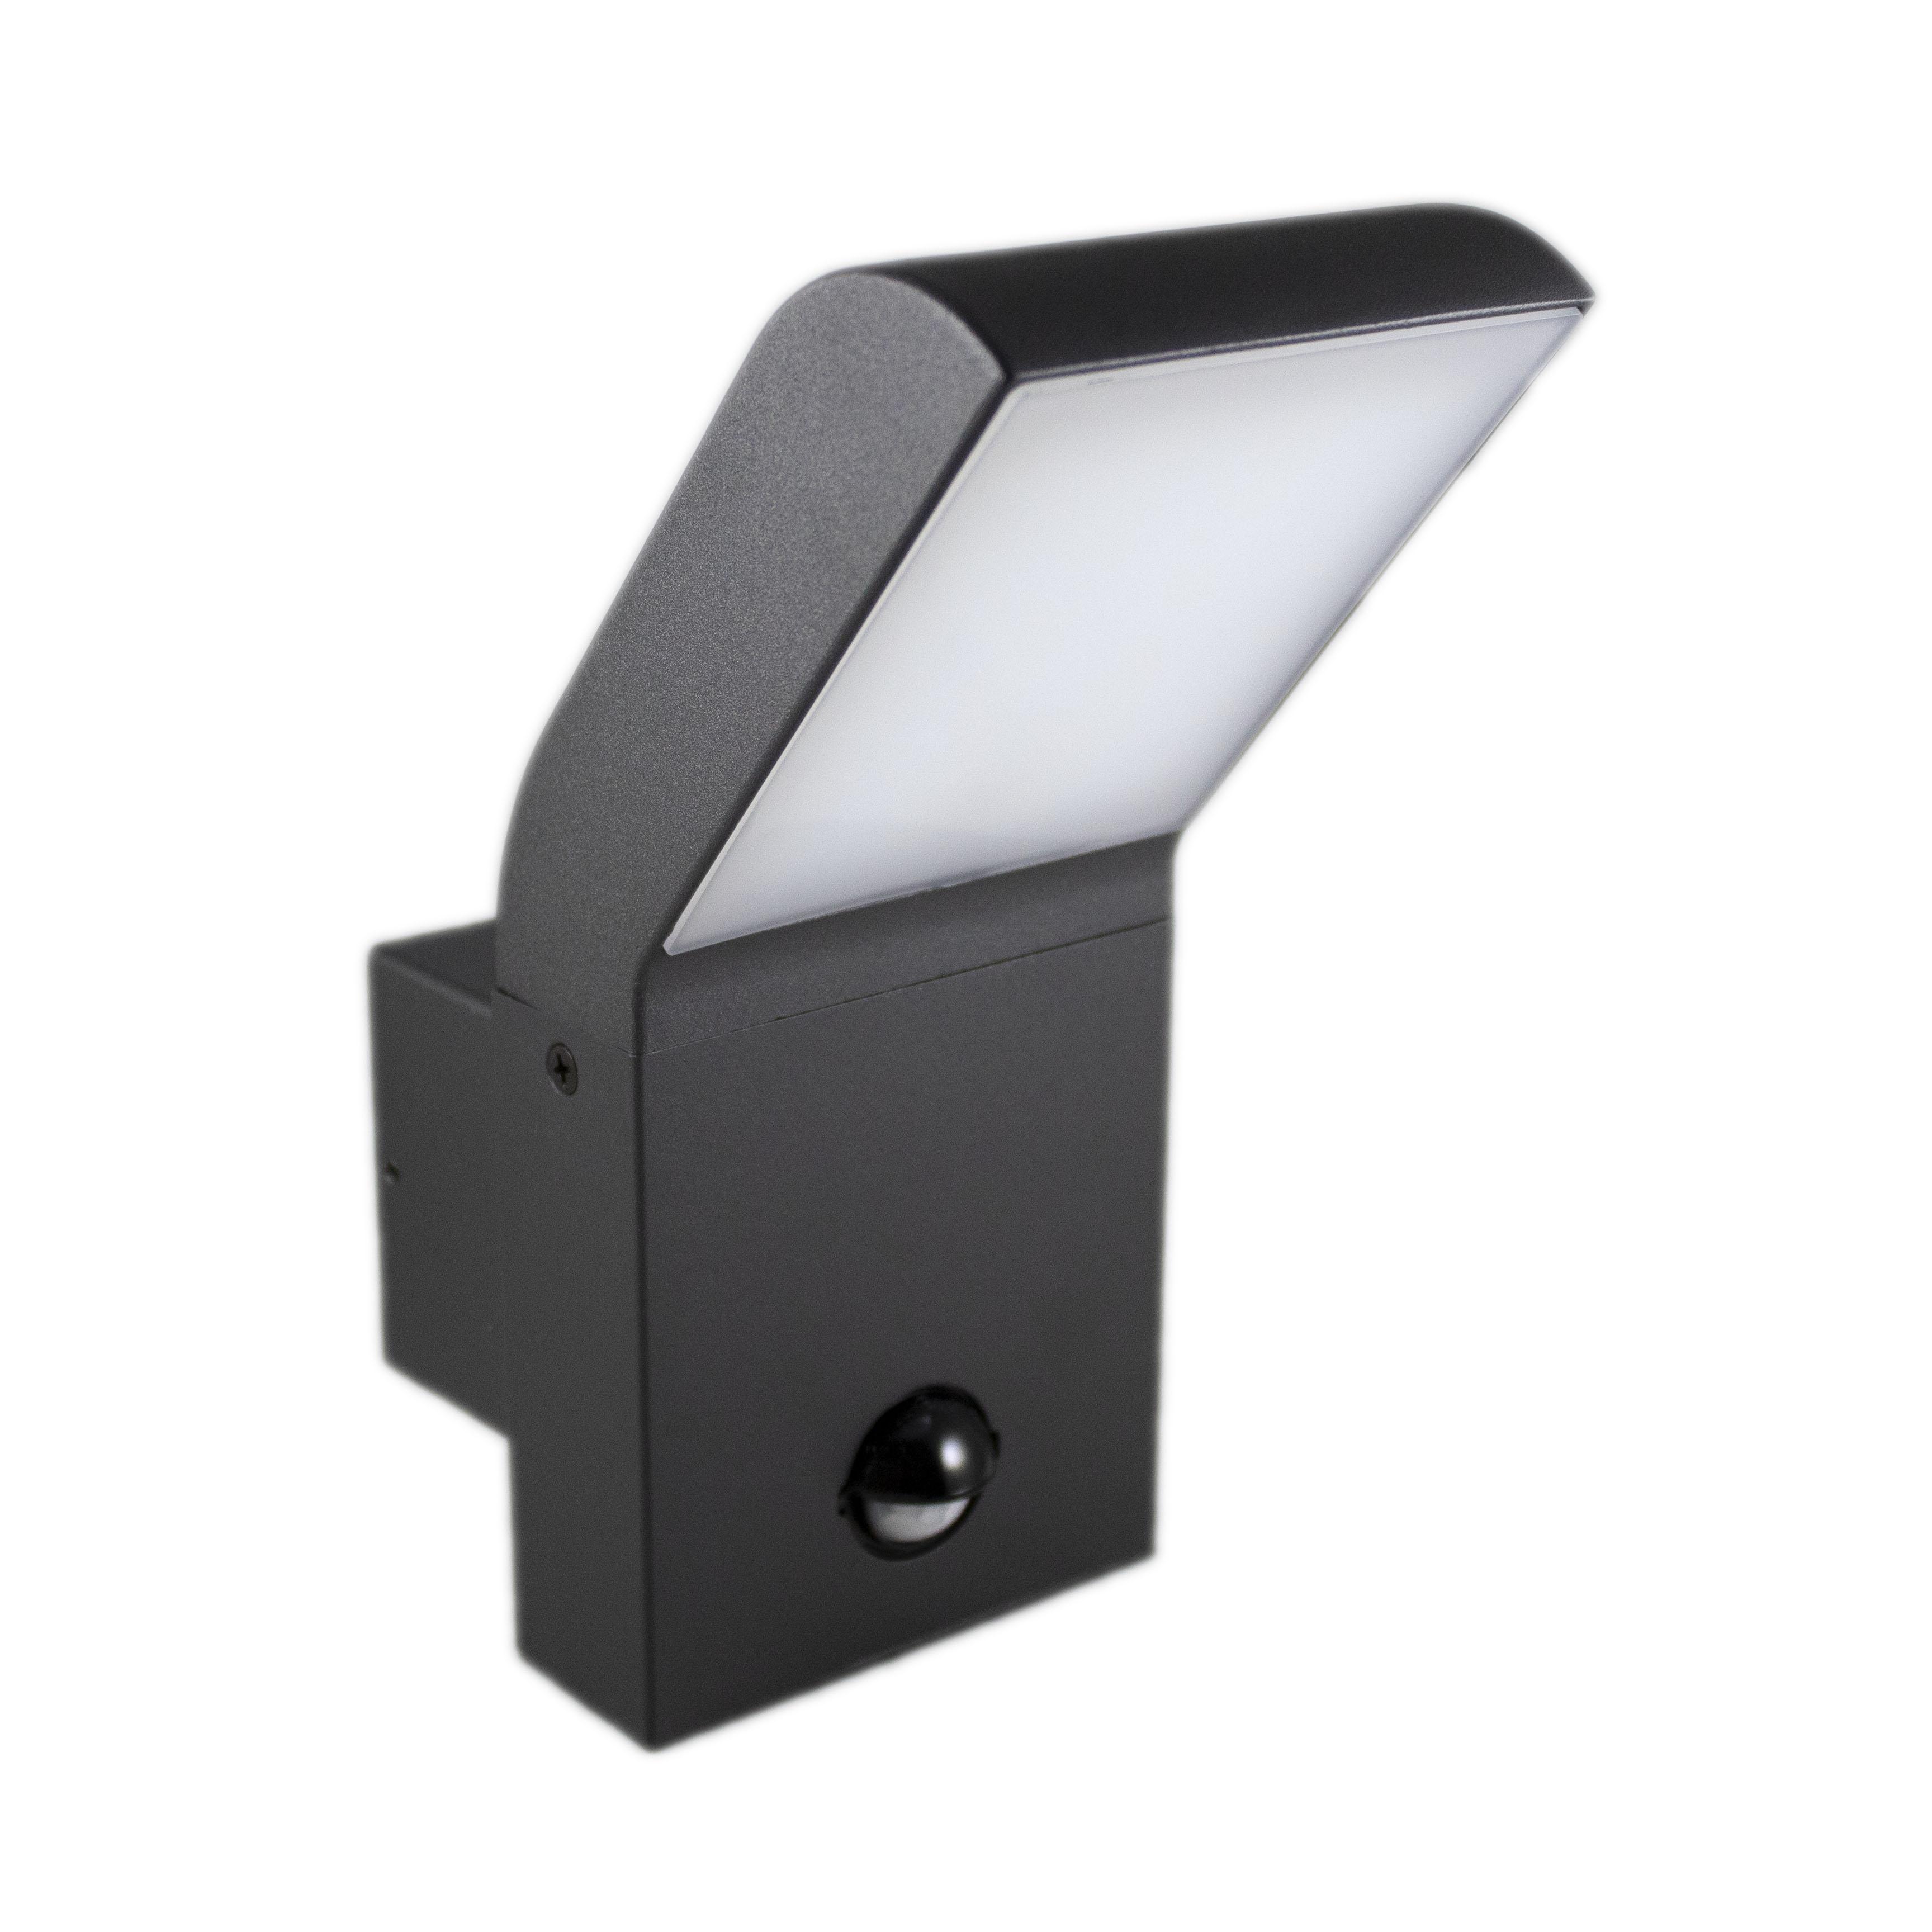 Wandlamp buiten met sensor 12 watt 4000K - naturel wit - zijkant aanzicht